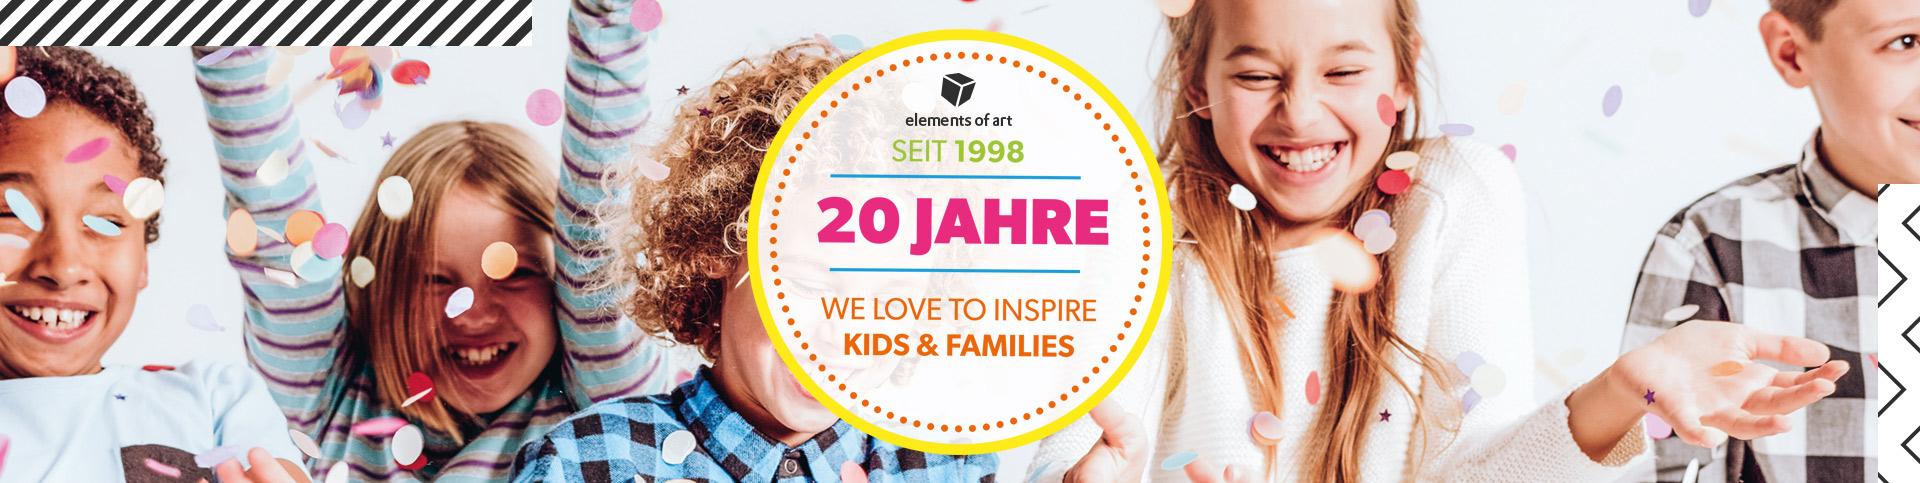 20 Jahre Kinder- und Familienkommunikation mit EoA